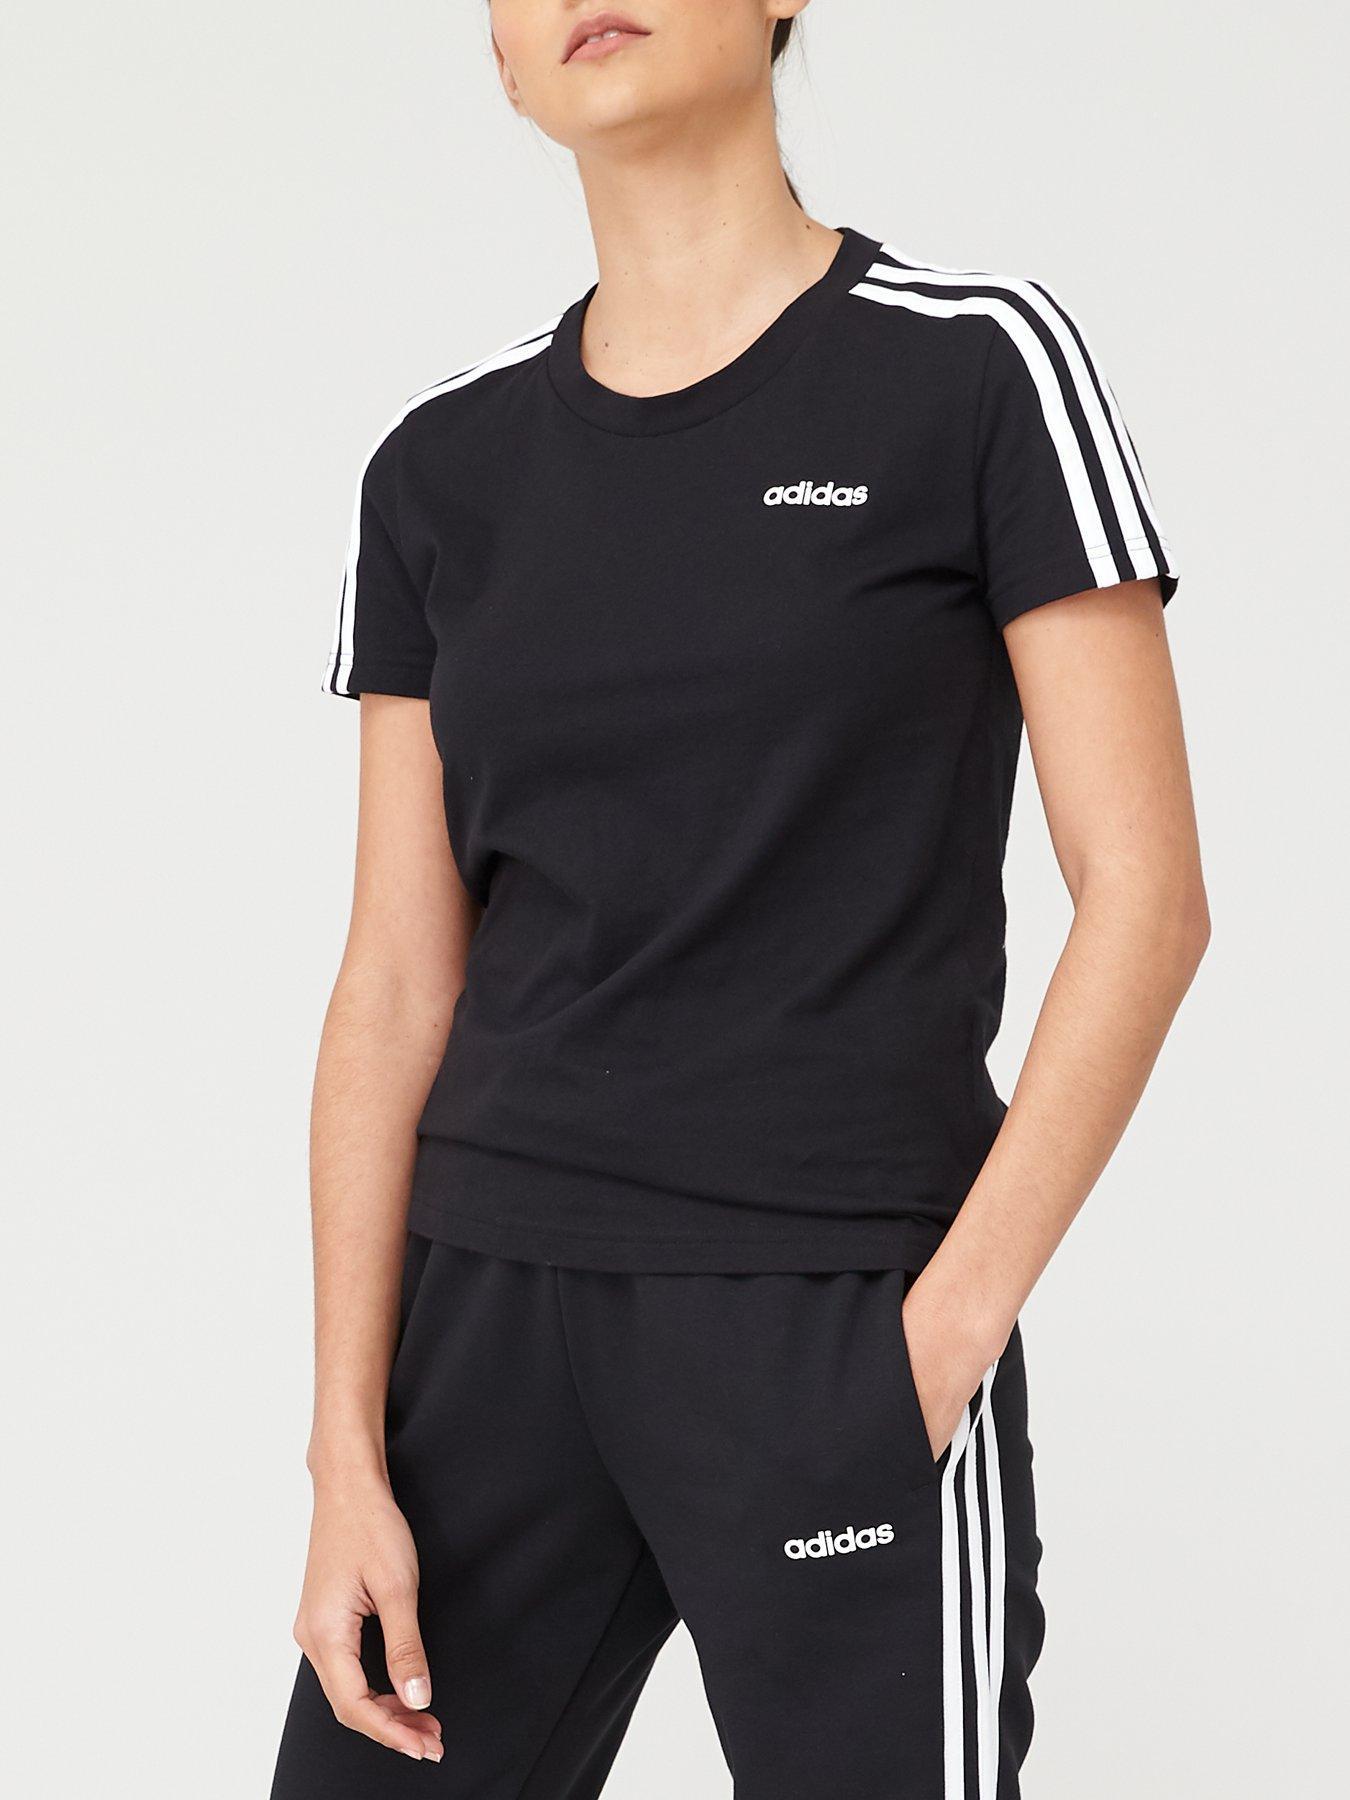 Adidas Women's Tops, Jerseys & T Shirts   Littlewoods Ireland